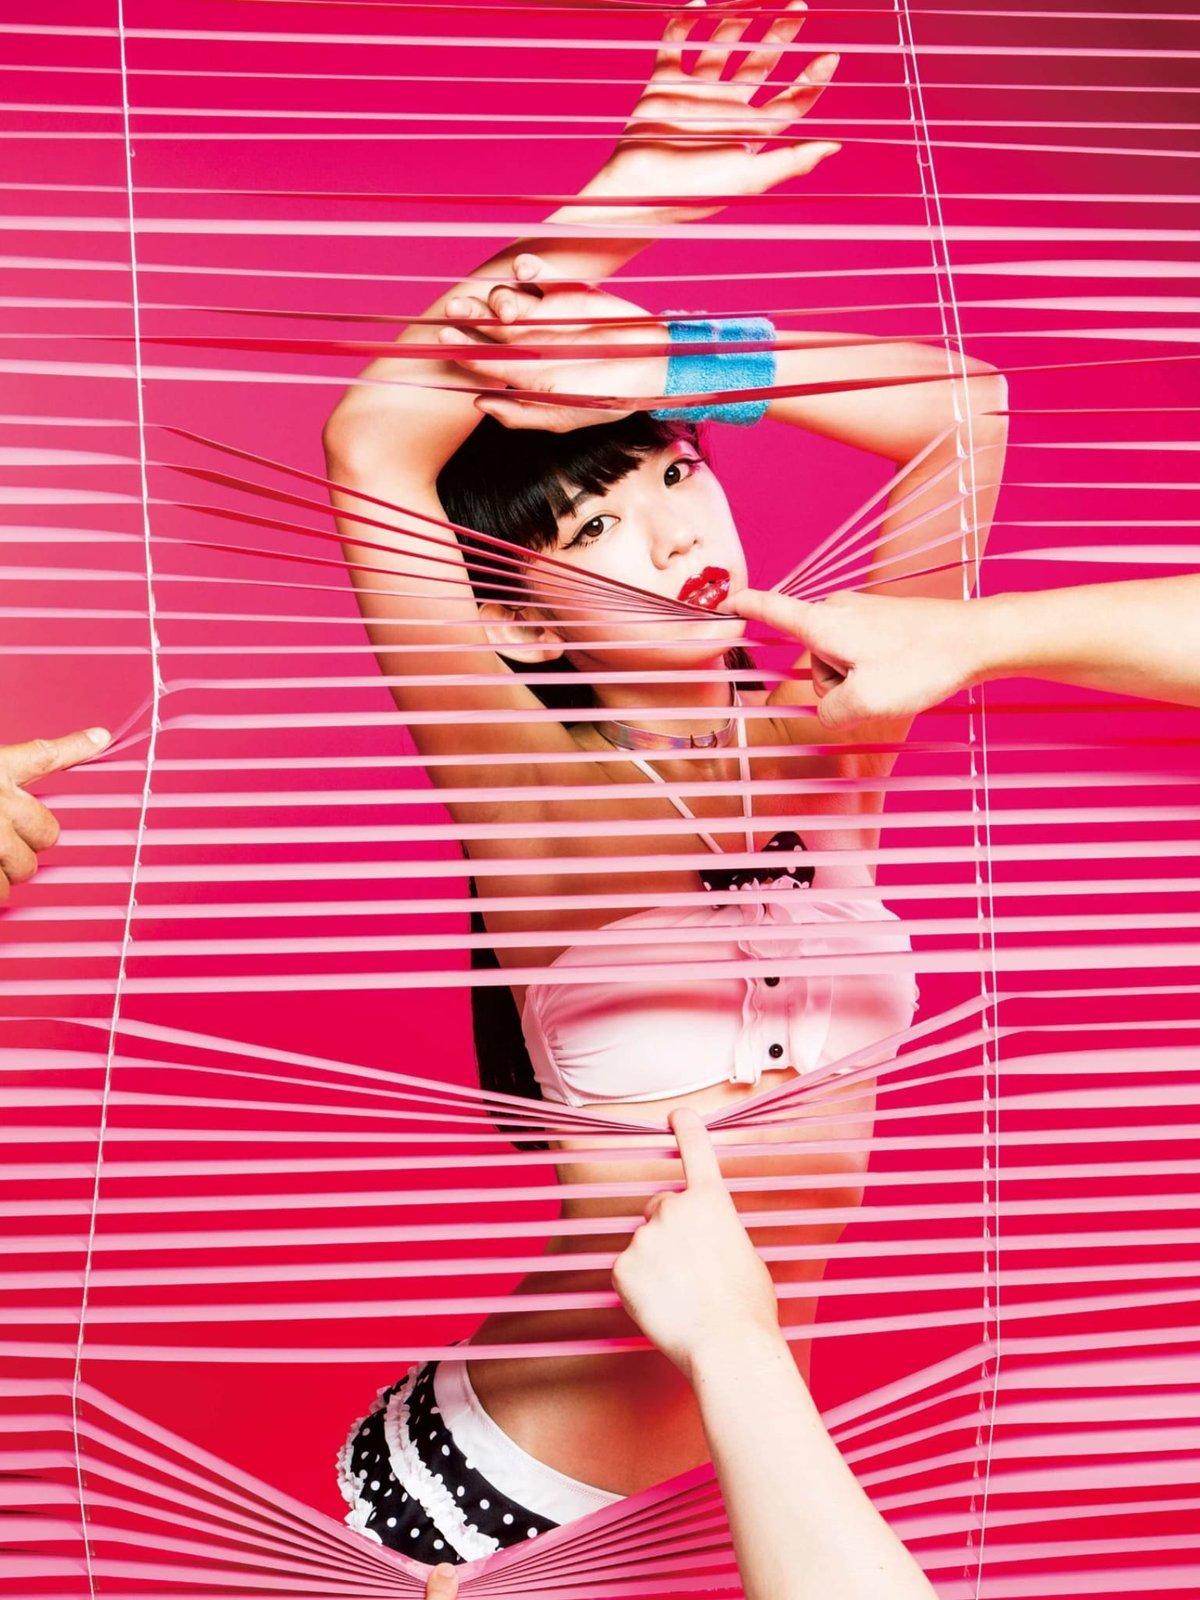 グラドル長澤茉里奈の過激エロ画像